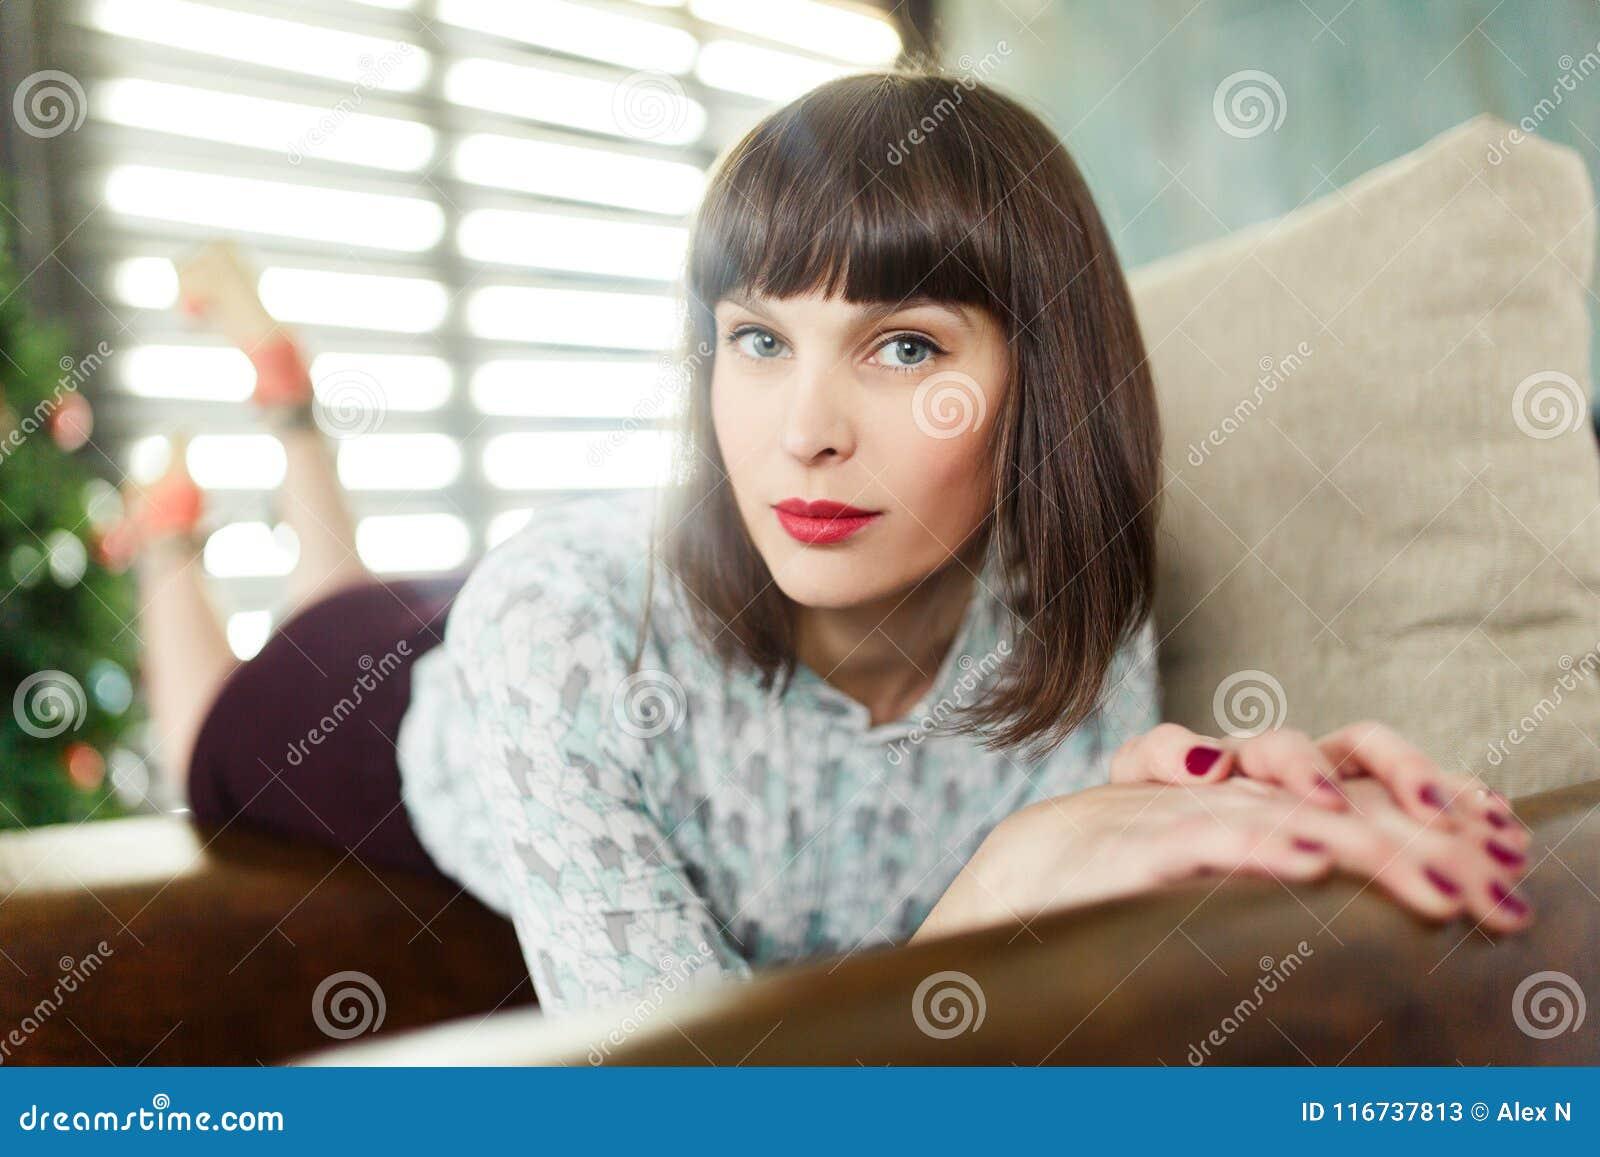 Foto de la morenita joven que se sienta en silla cerca de ventana con las persianas